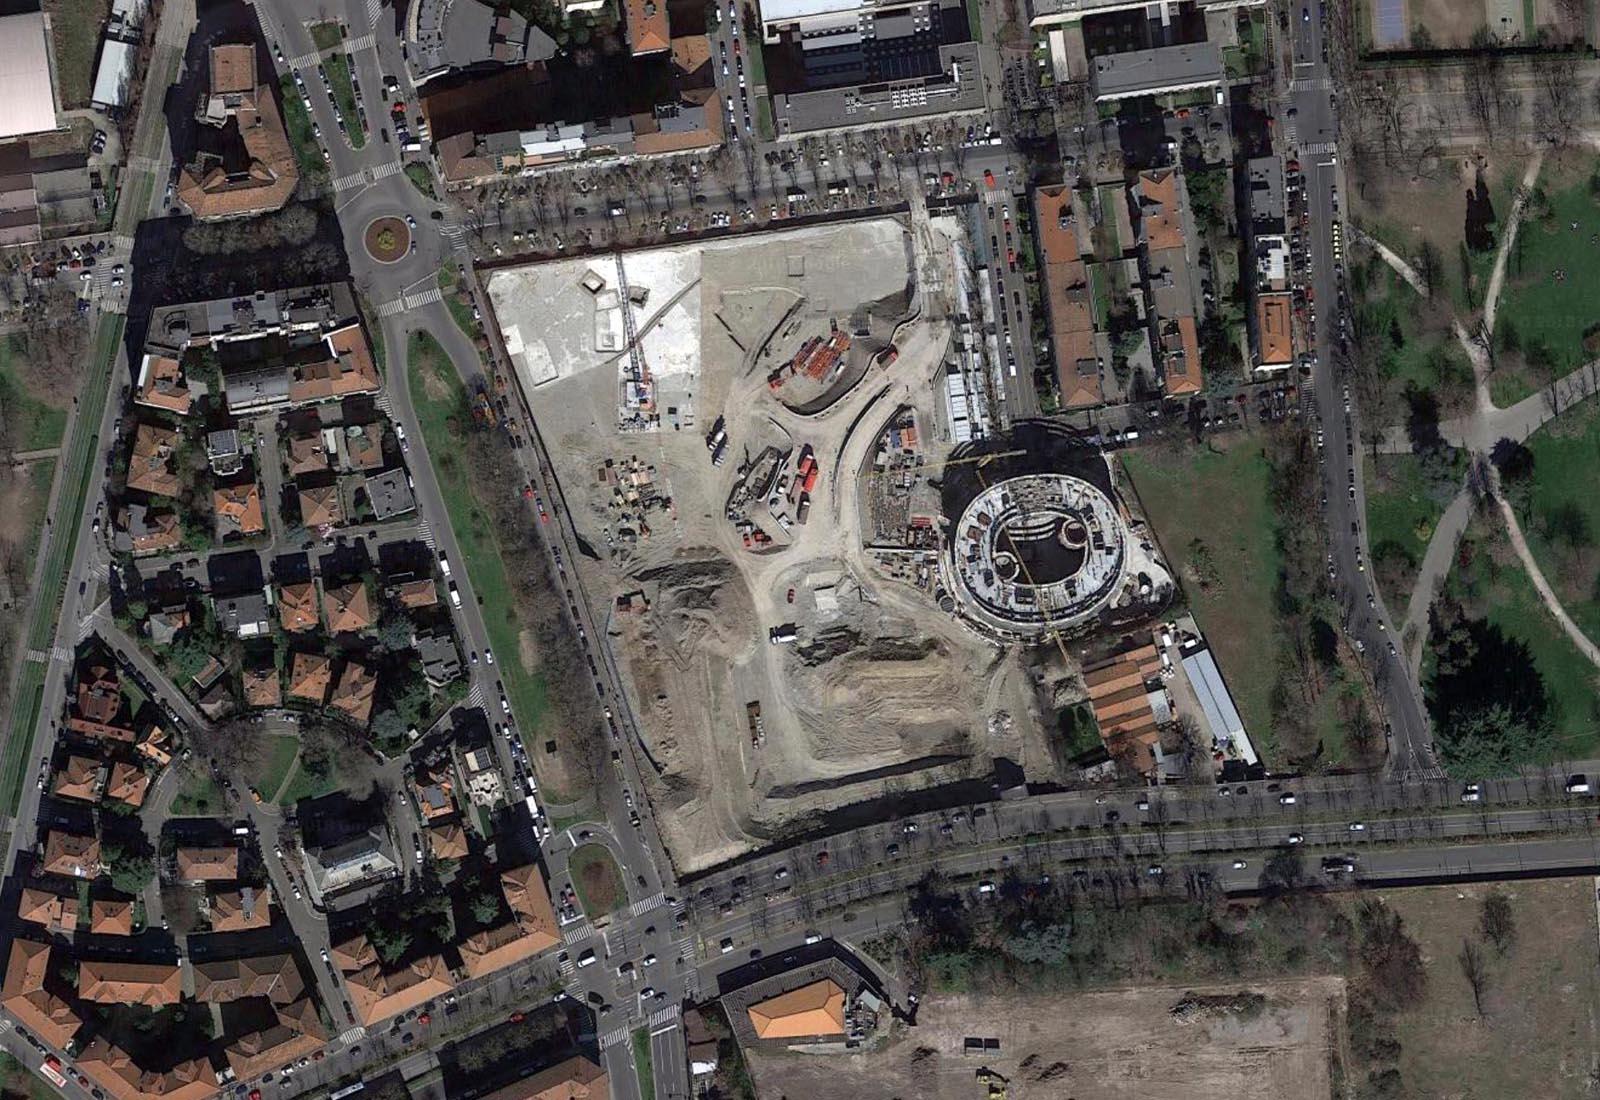 Residenze universitarie Bocconi in via Castiglioni a Milano - Vista aerea zenitale